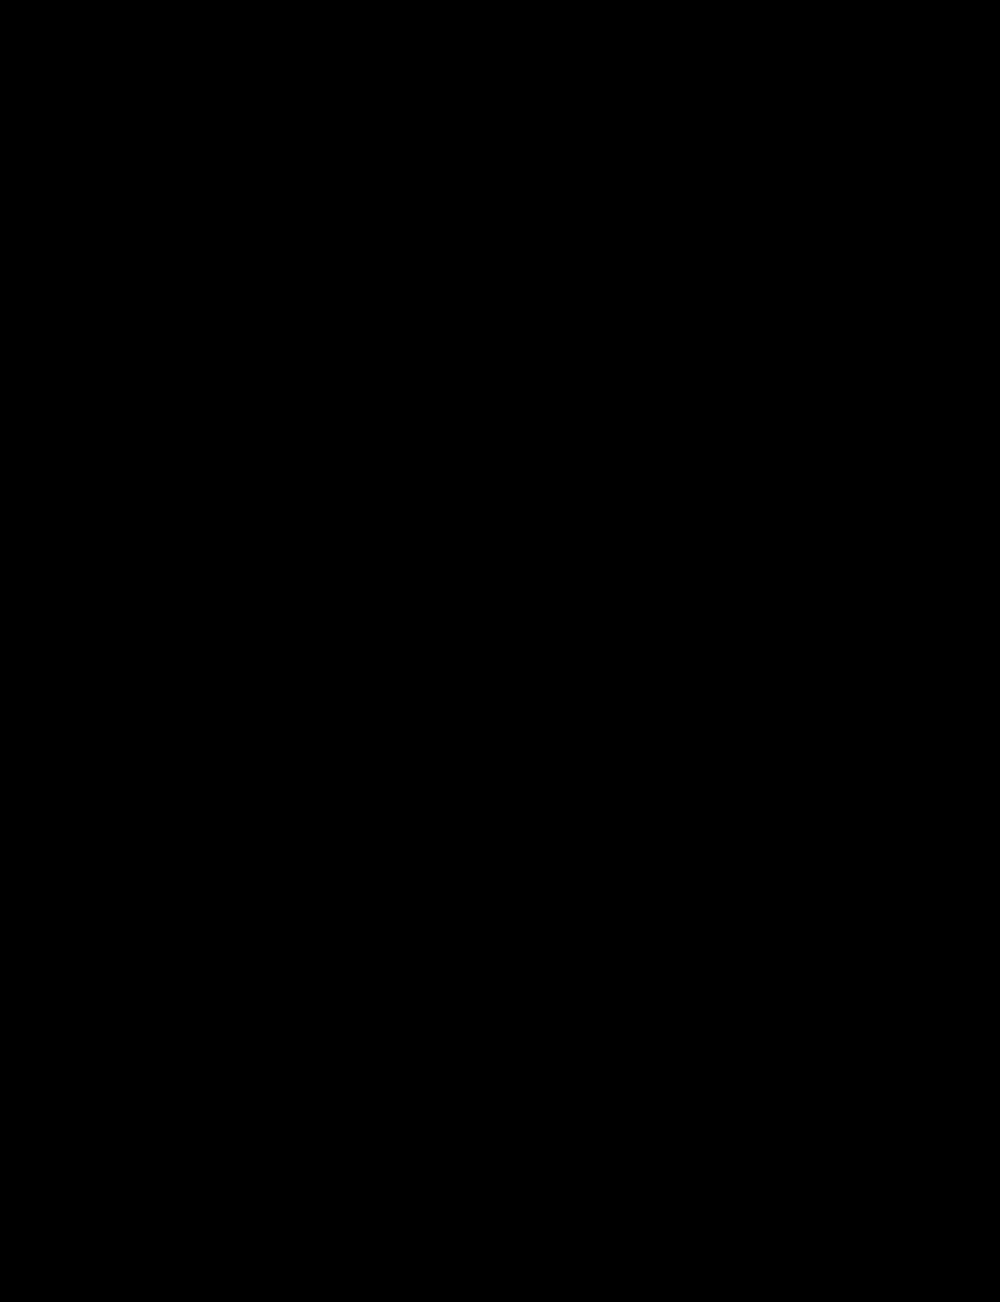 A centered line